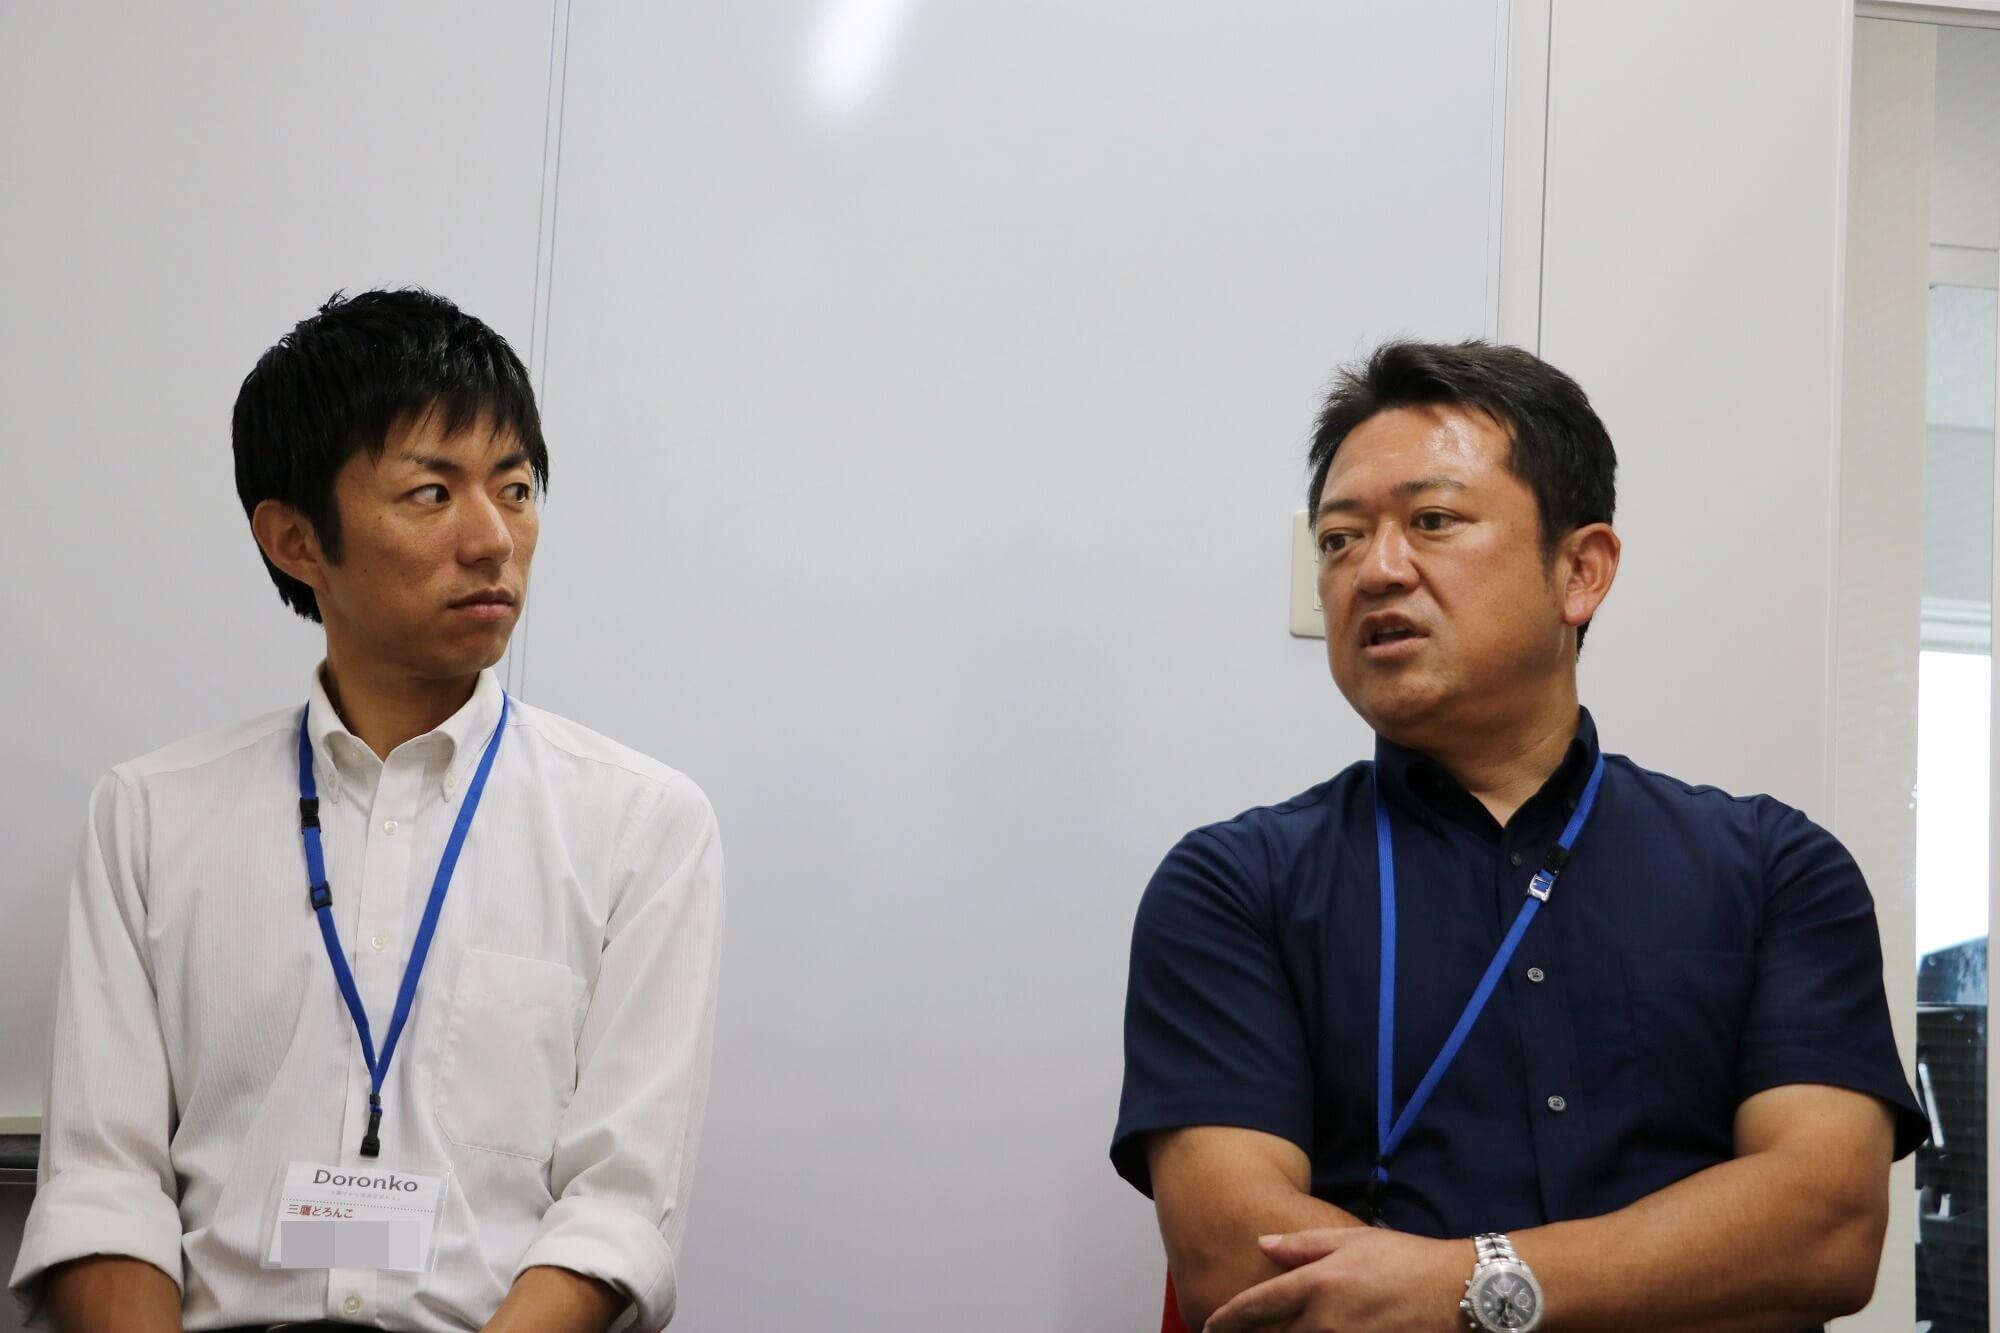 左:NPO出身の鈴木園長 右:教師出身の安井園長